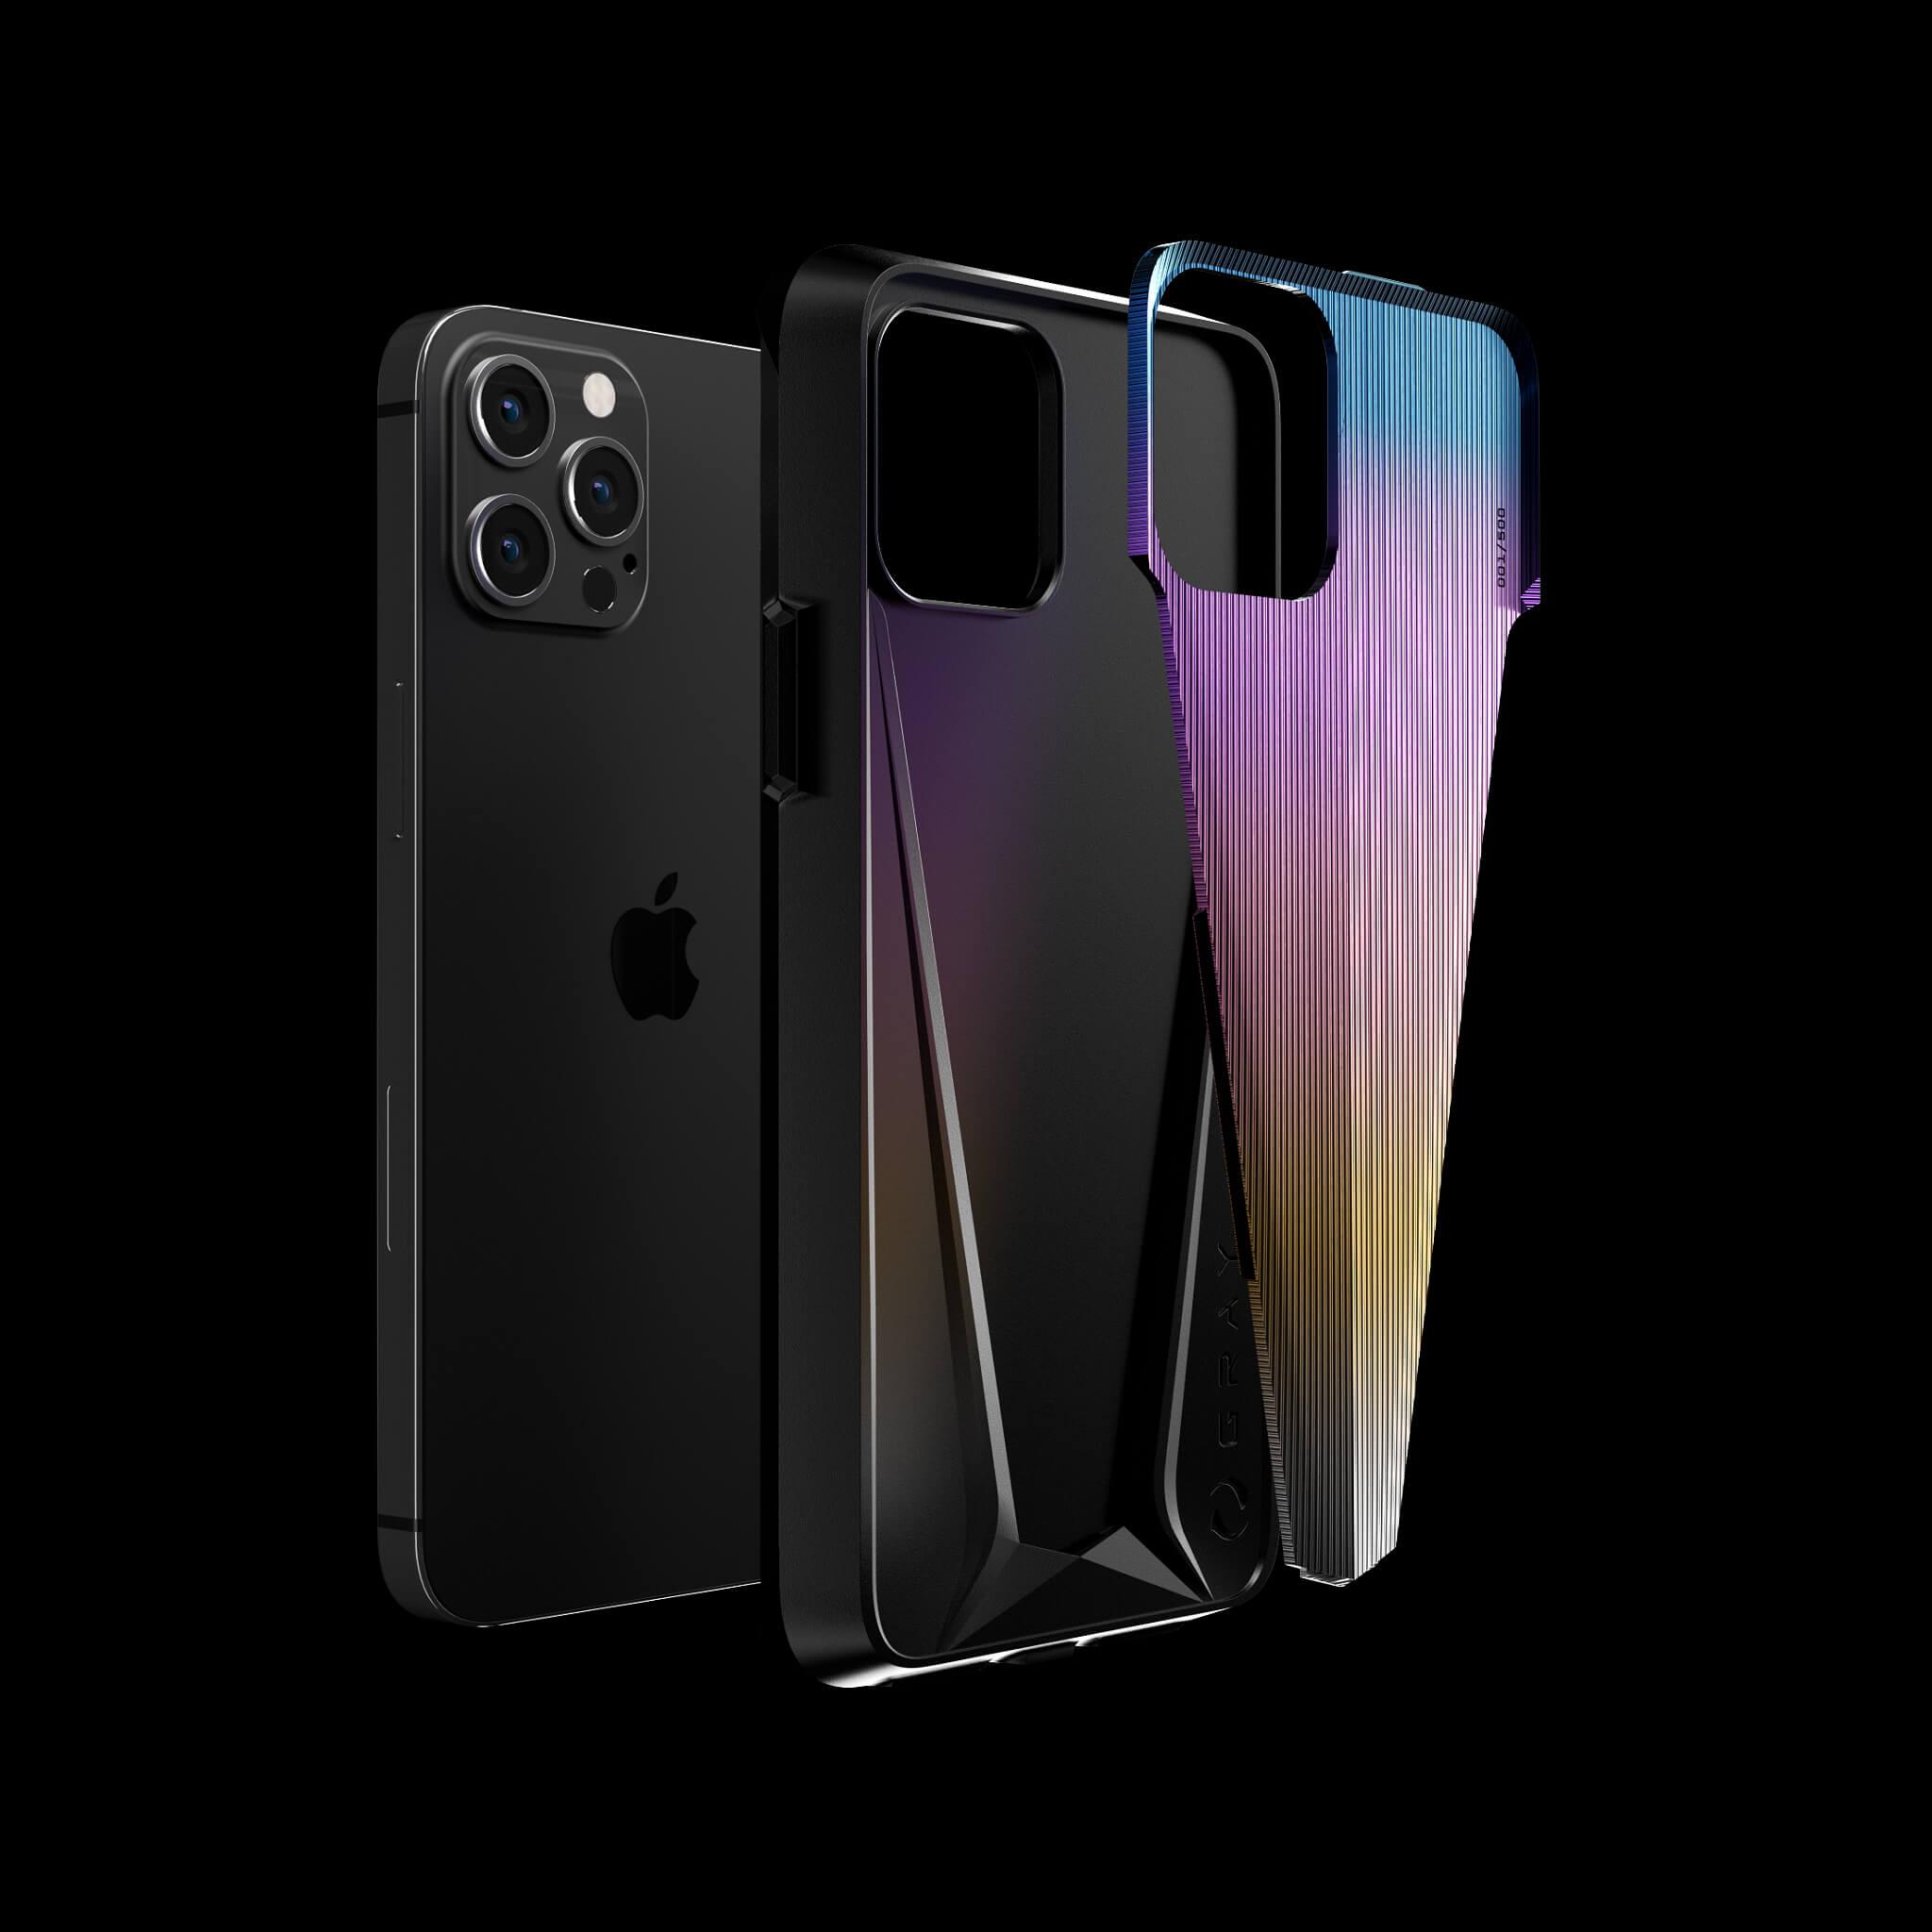 morpheus aurora luxury titanium iPhone 12 pro case